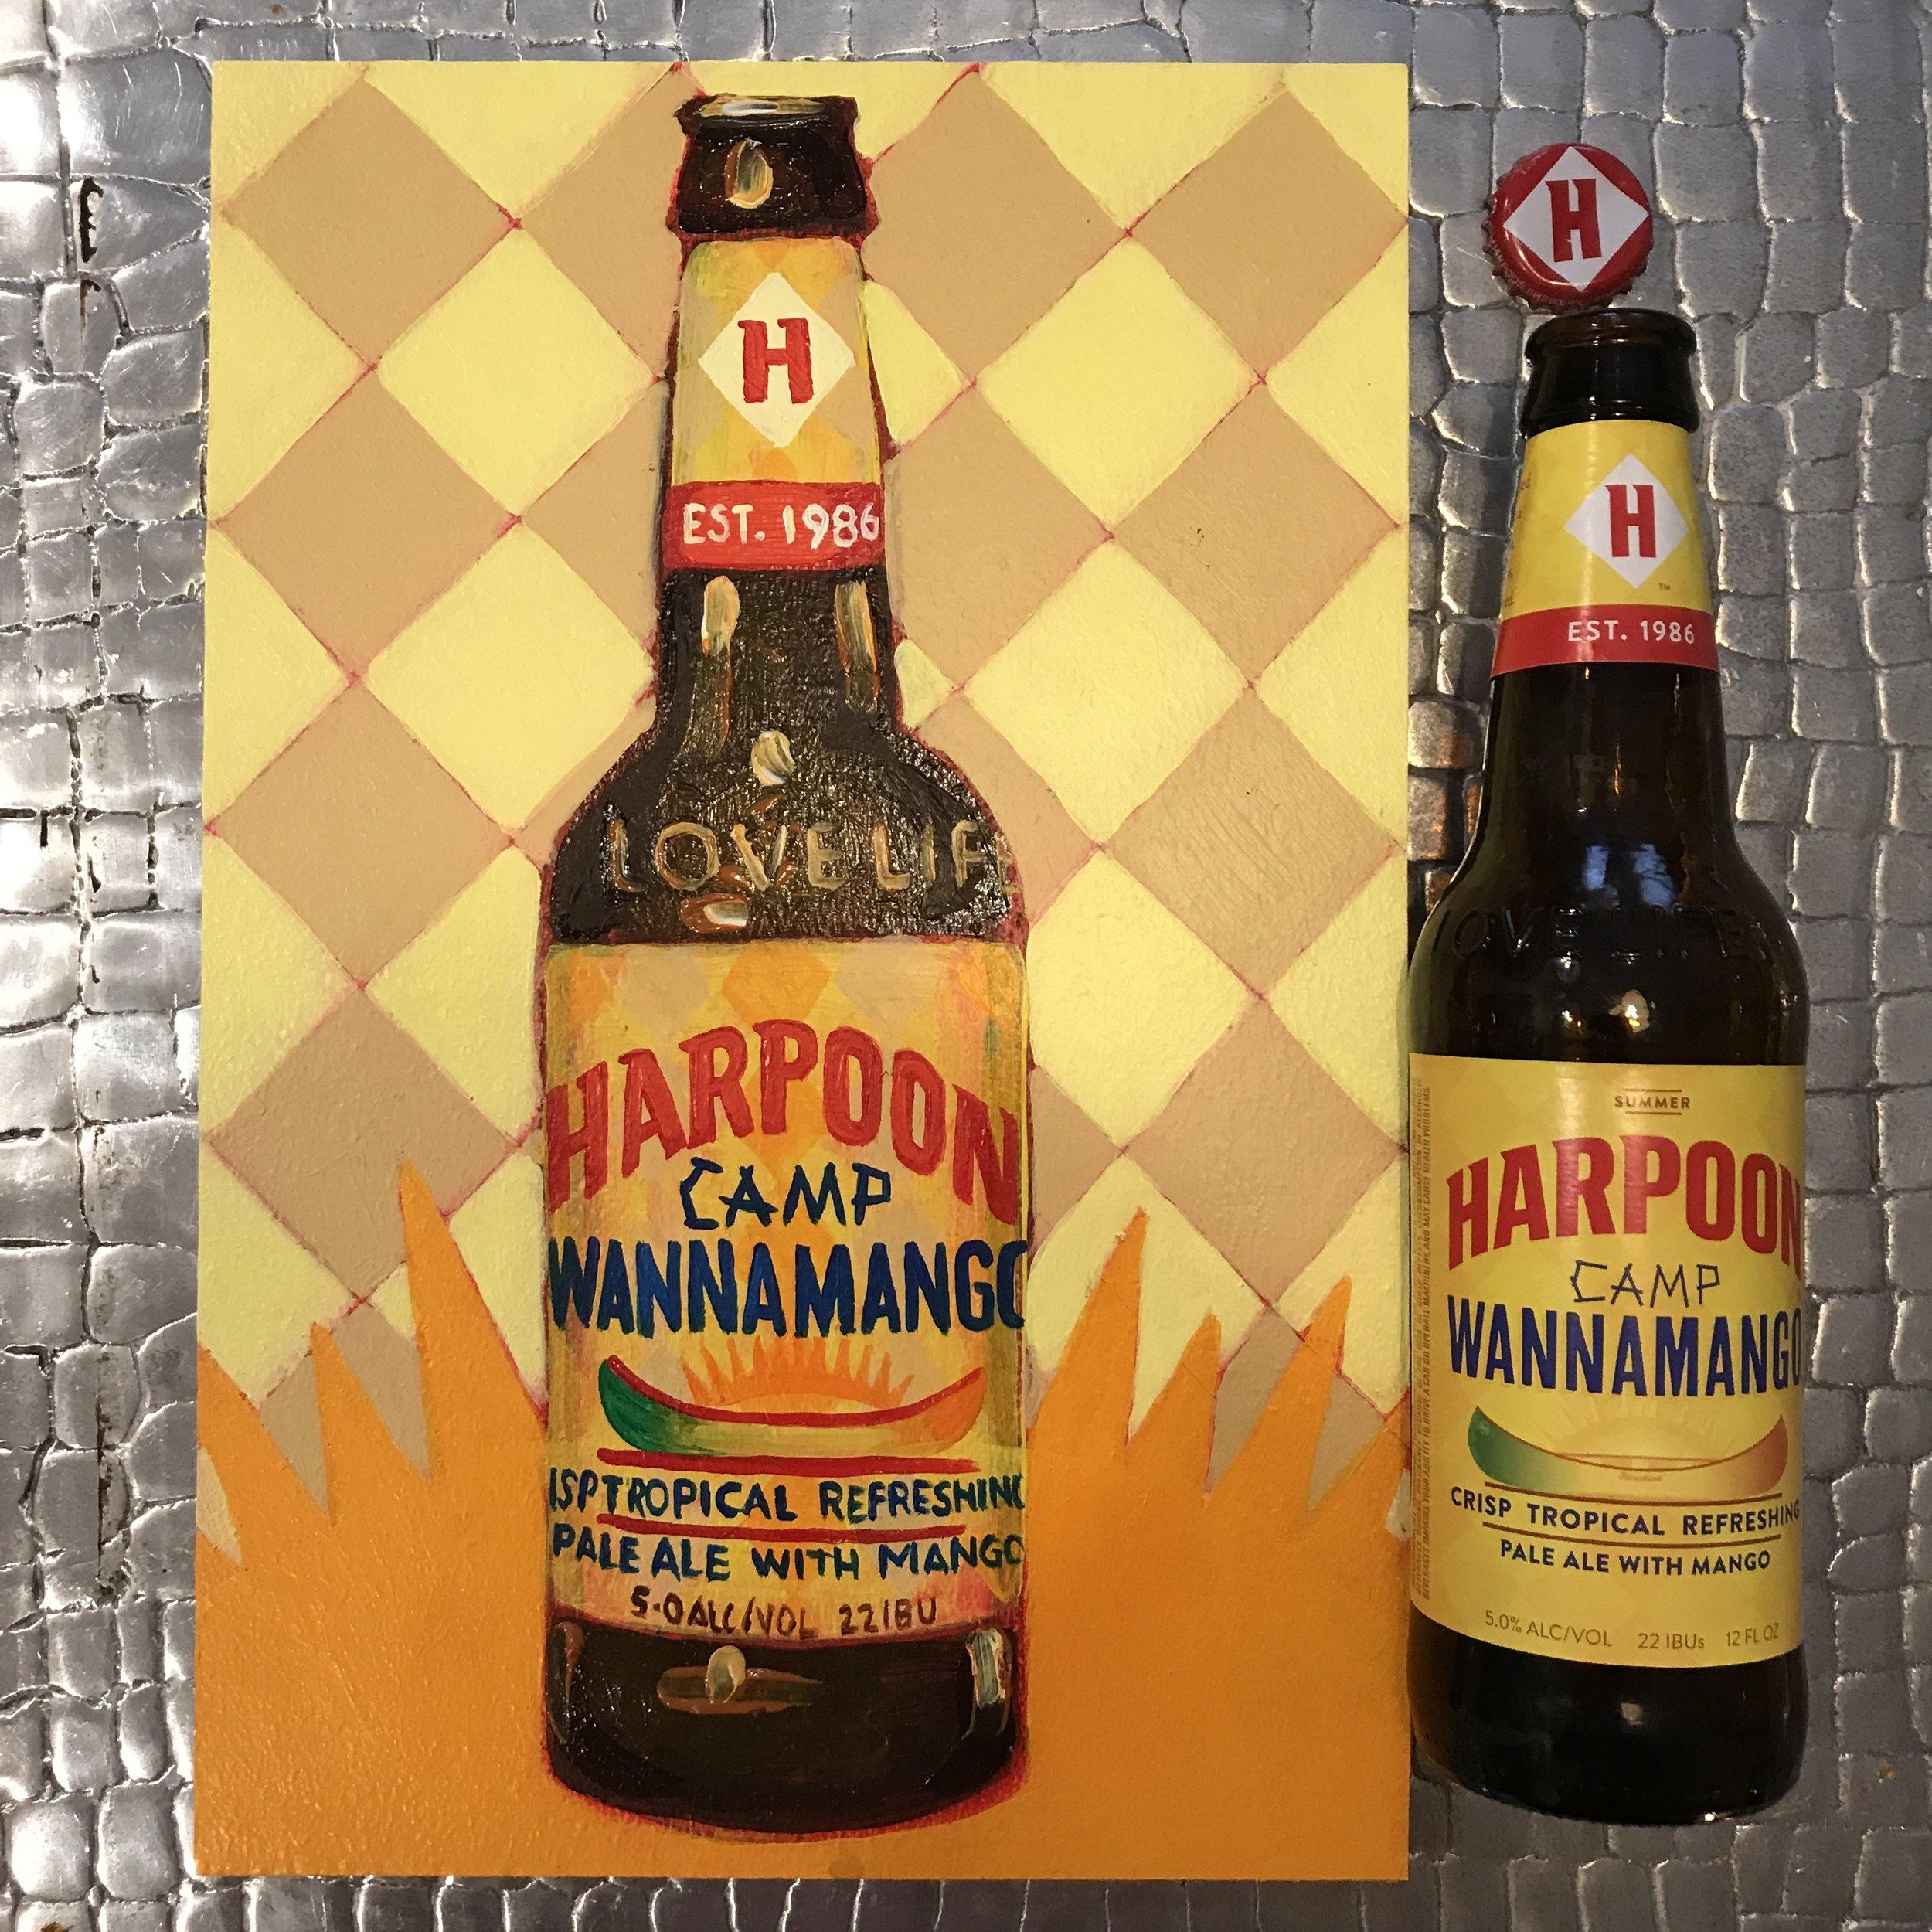 14 Harpoon Camp Wannamango (USA)